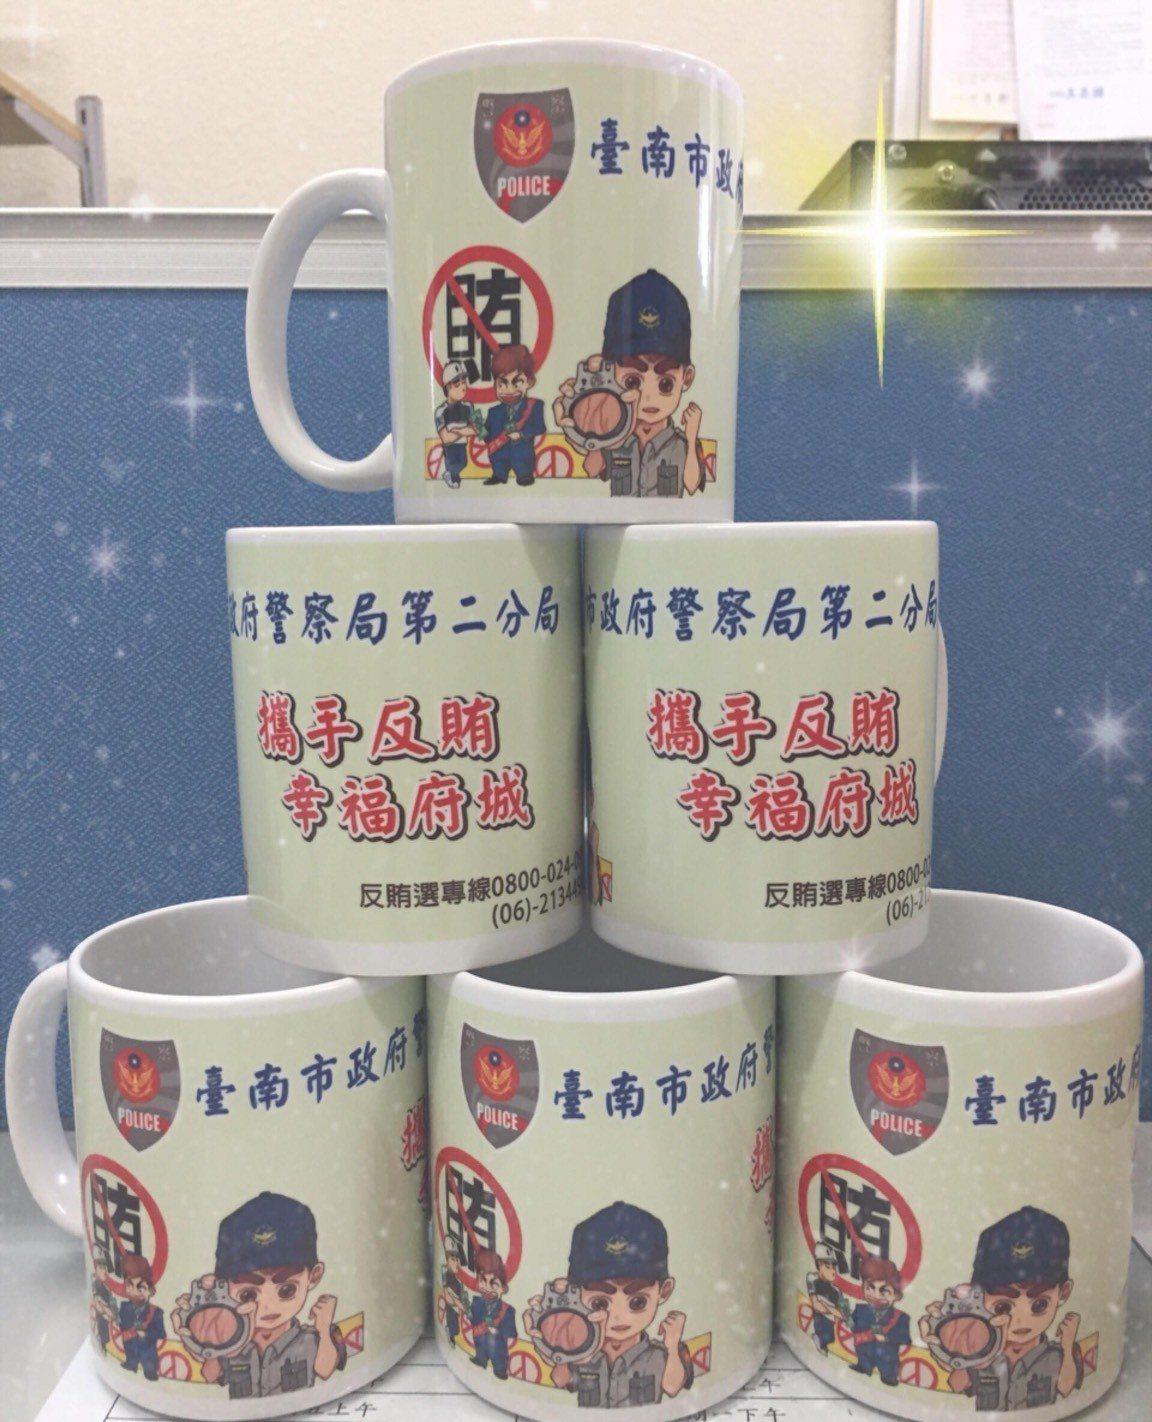 台南市警二分局反賄選馬克杯圖案,由長樂派出所蔣士釗操刀。記者黃宣翰/翻攝